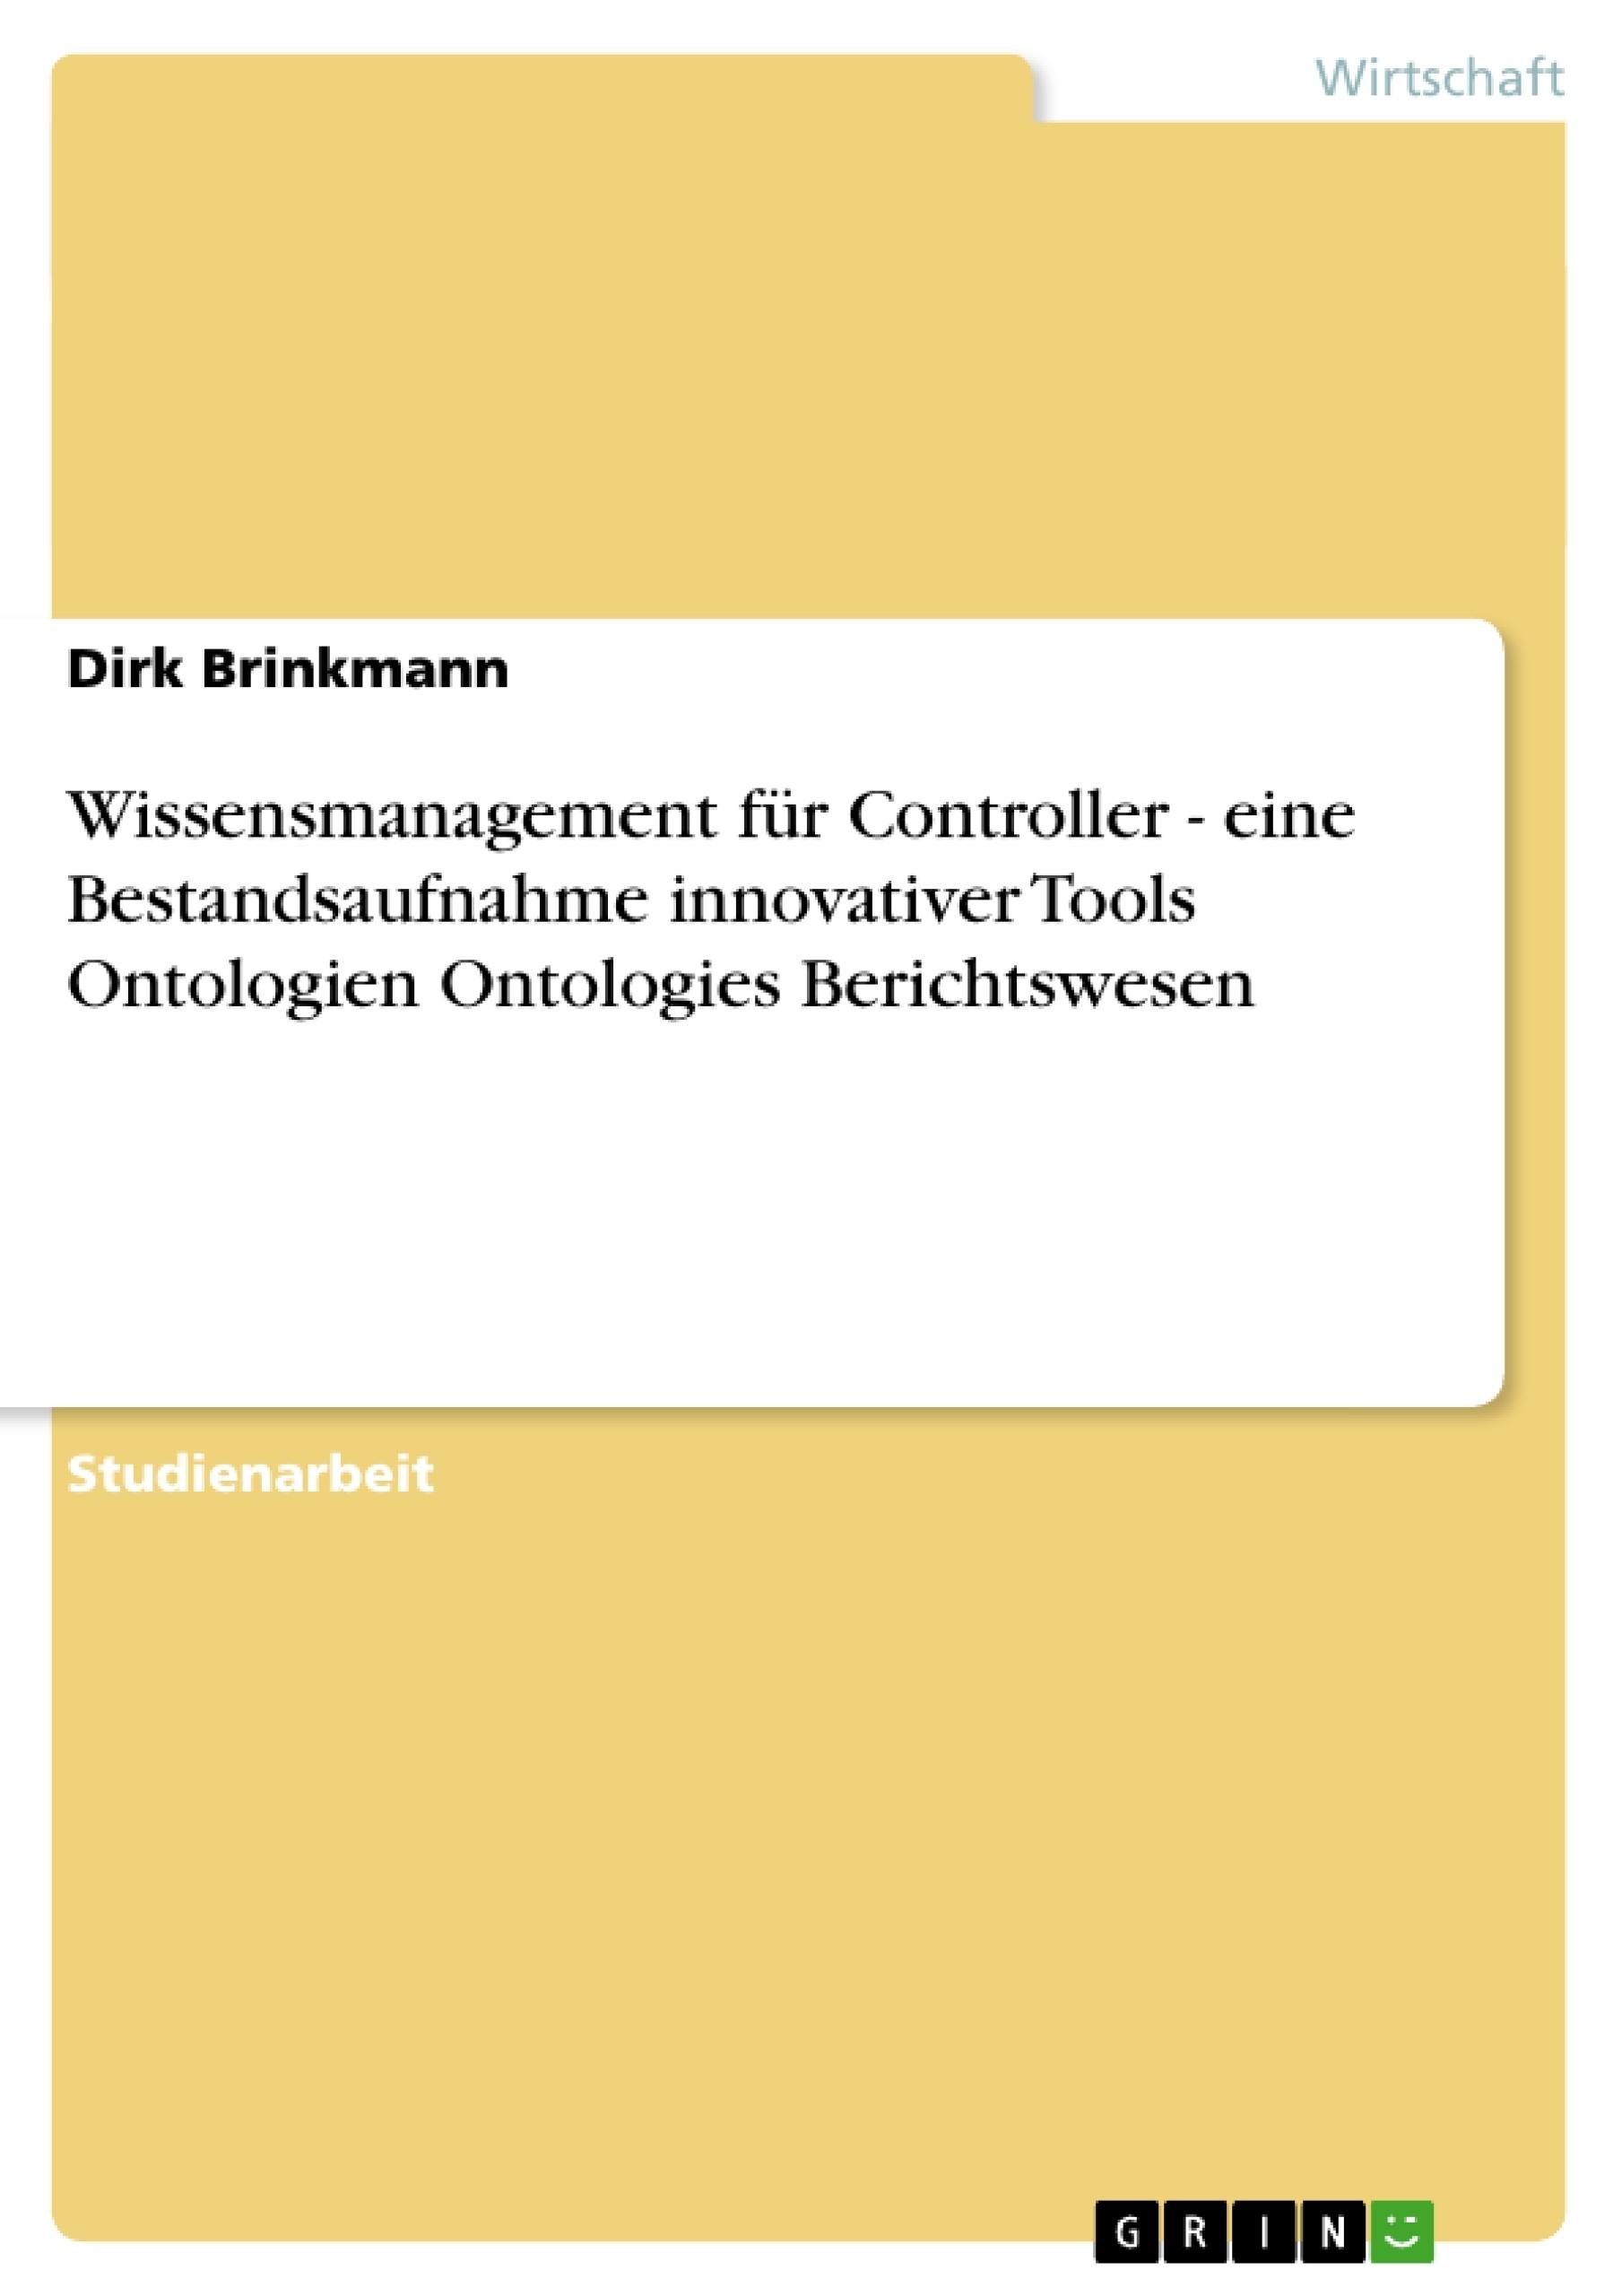 Titel: Wissensmanagement für Controller - eine Bestandsaufnahme innovativer Tools Ontologien Ontologies Berichtswesen